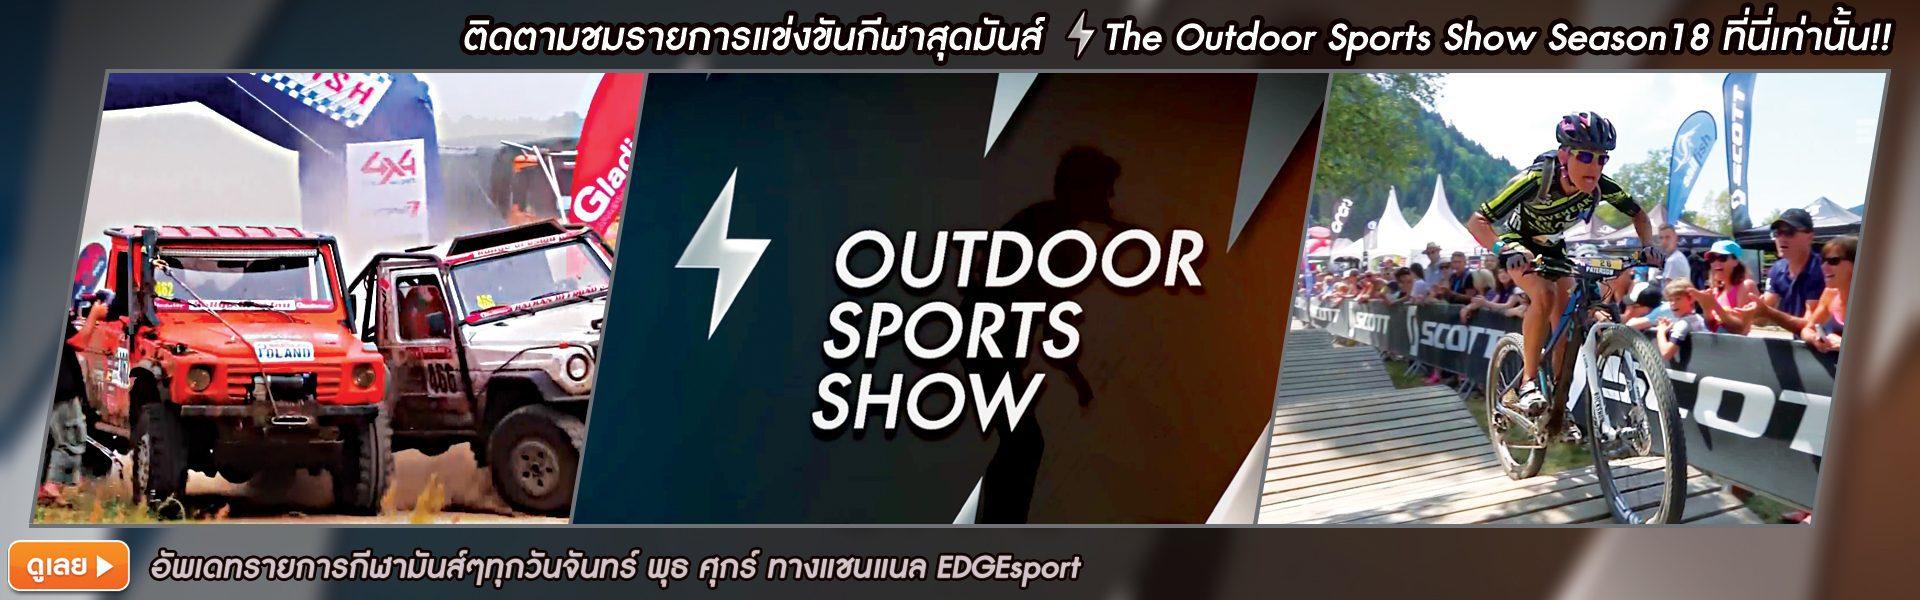 รายการ The Outdoor Sports Show Season18 : EP.8 [FULL]